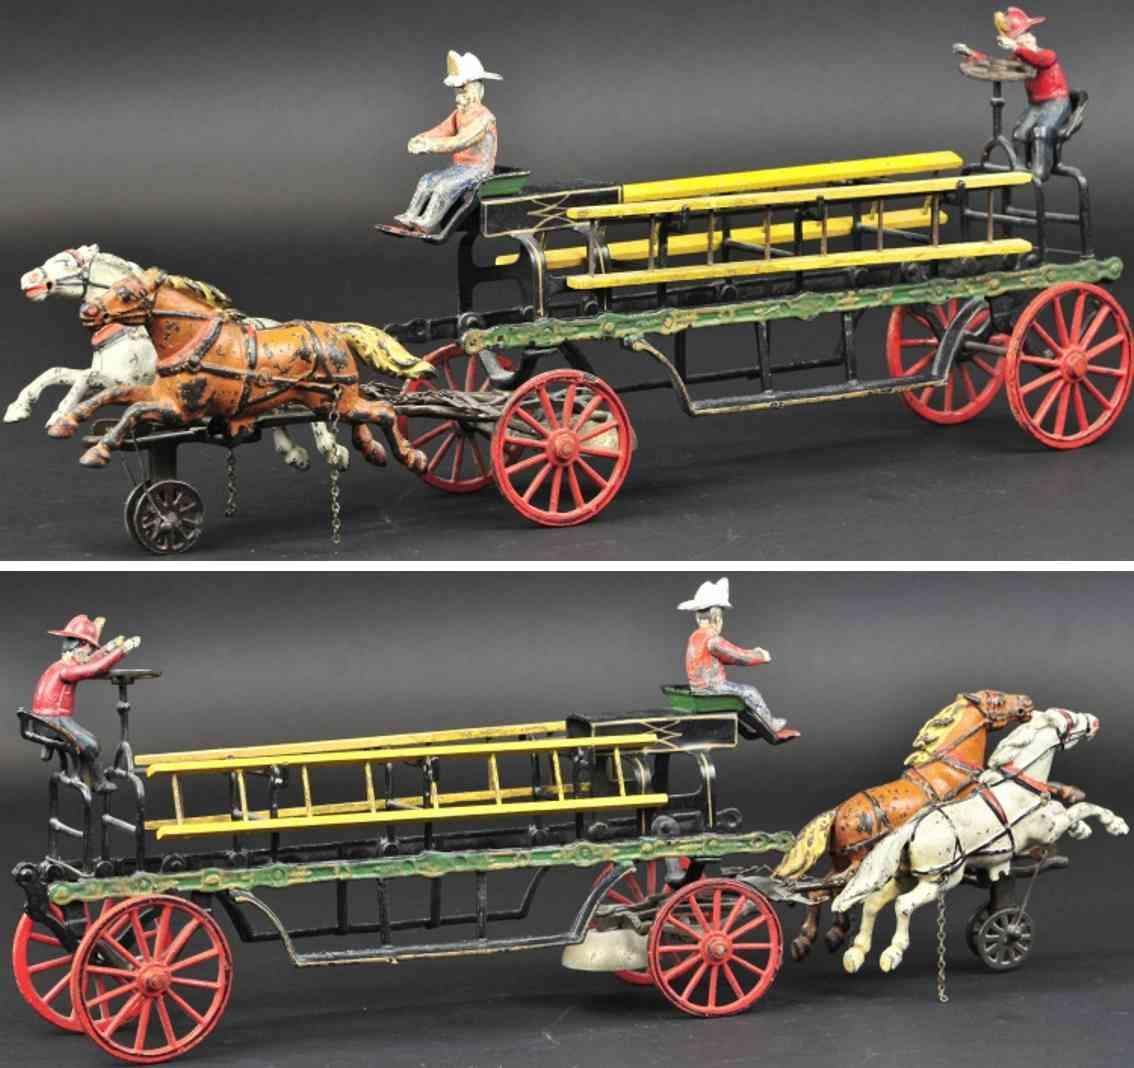 pratt & letchworth spielzeug gusseisen leiterwagen zwei pferde